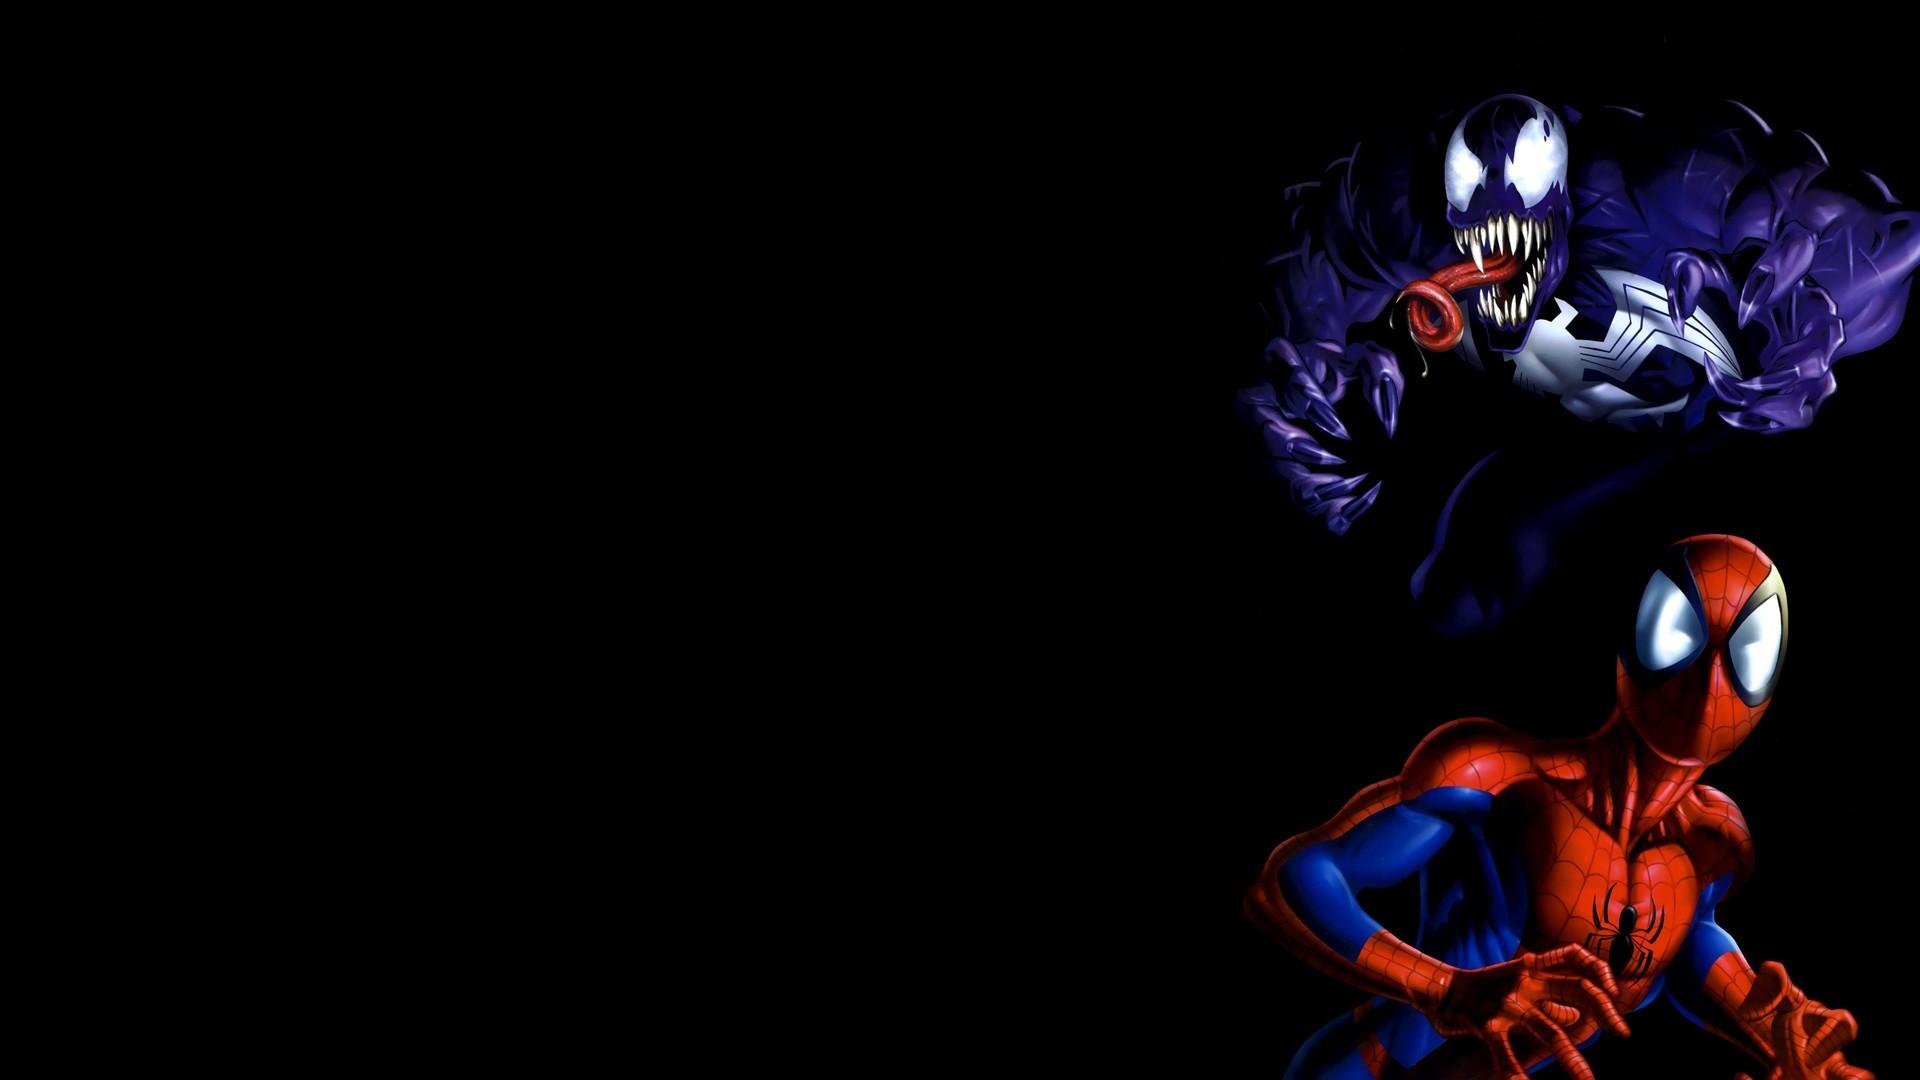 Venom Spider-man Marvel Comics / Wallpaper